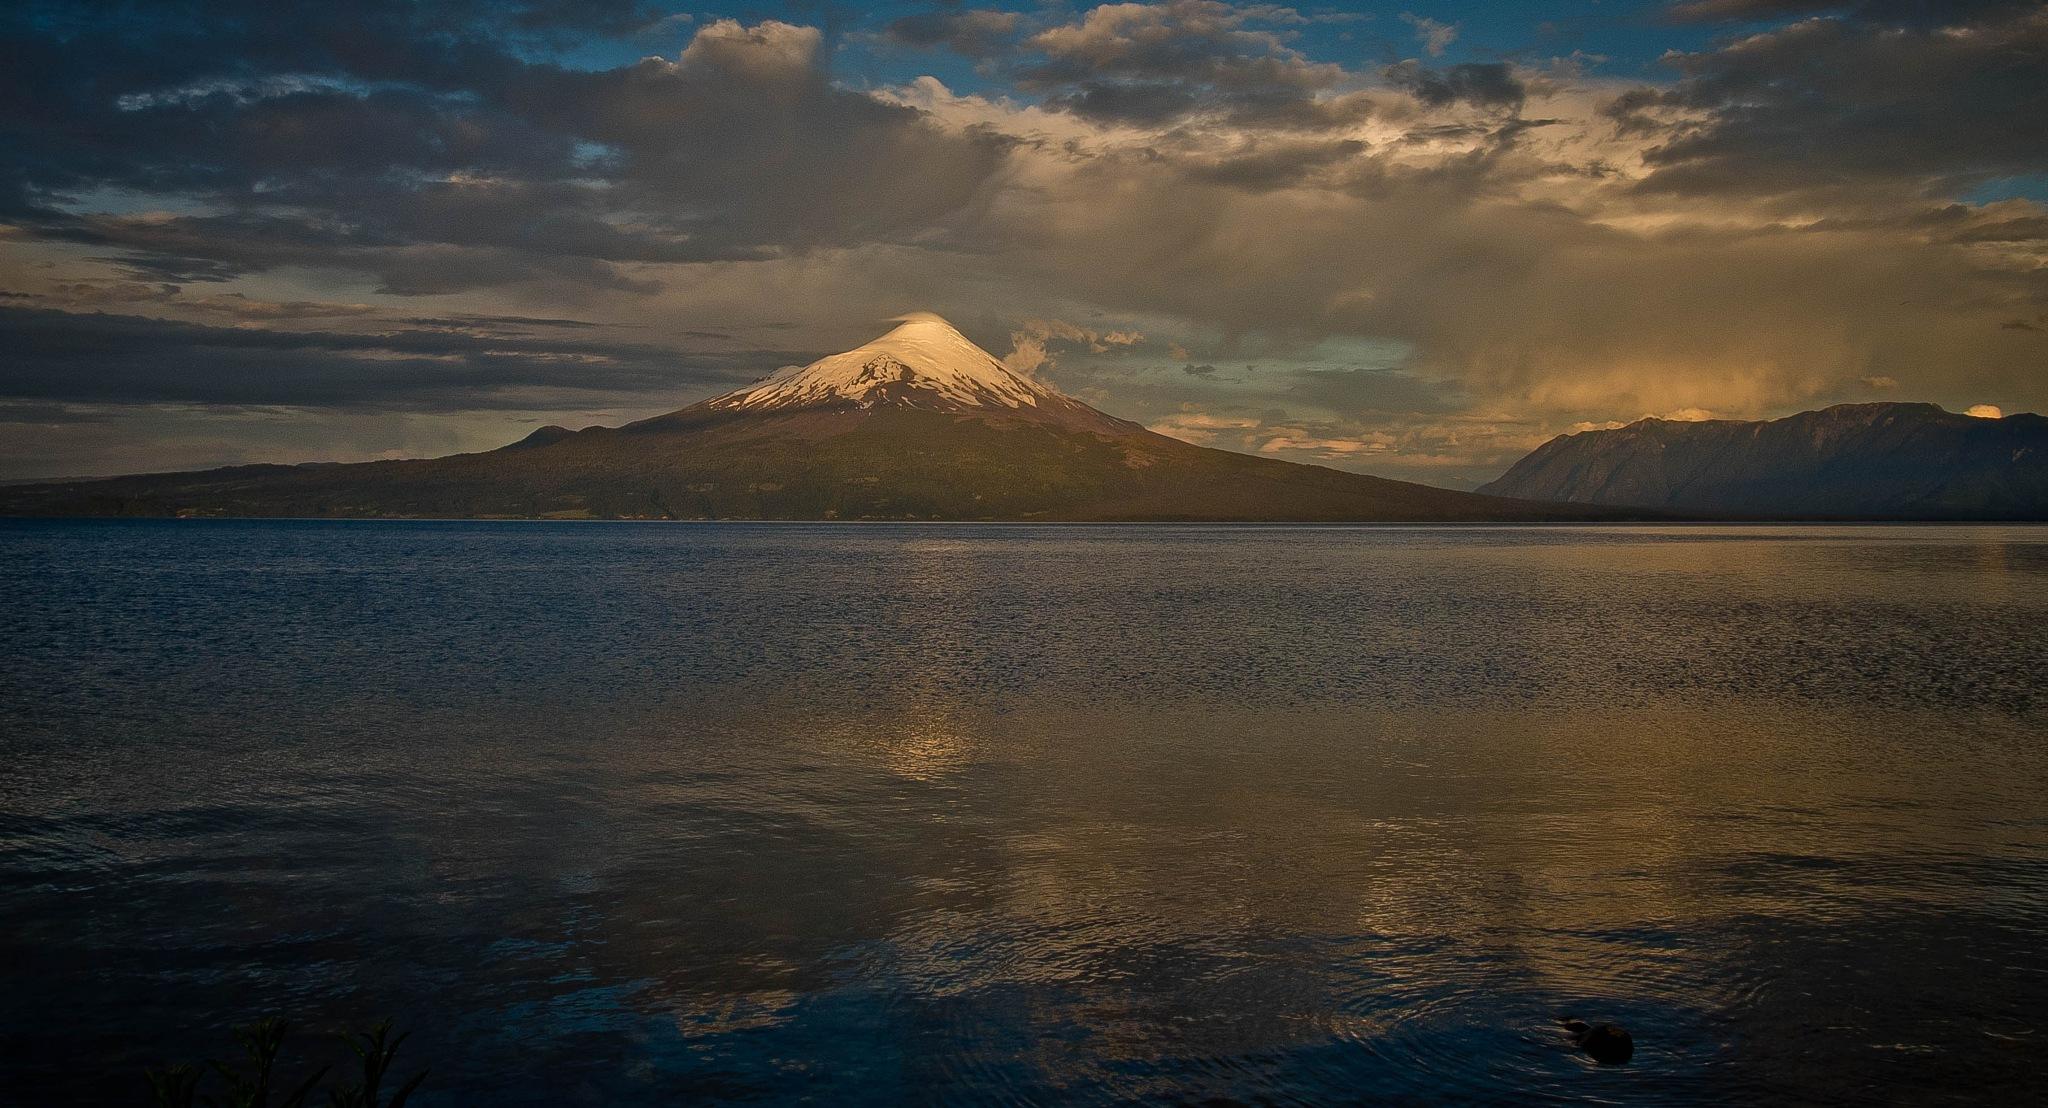 Volcán Osorno by oscarruben_suarez